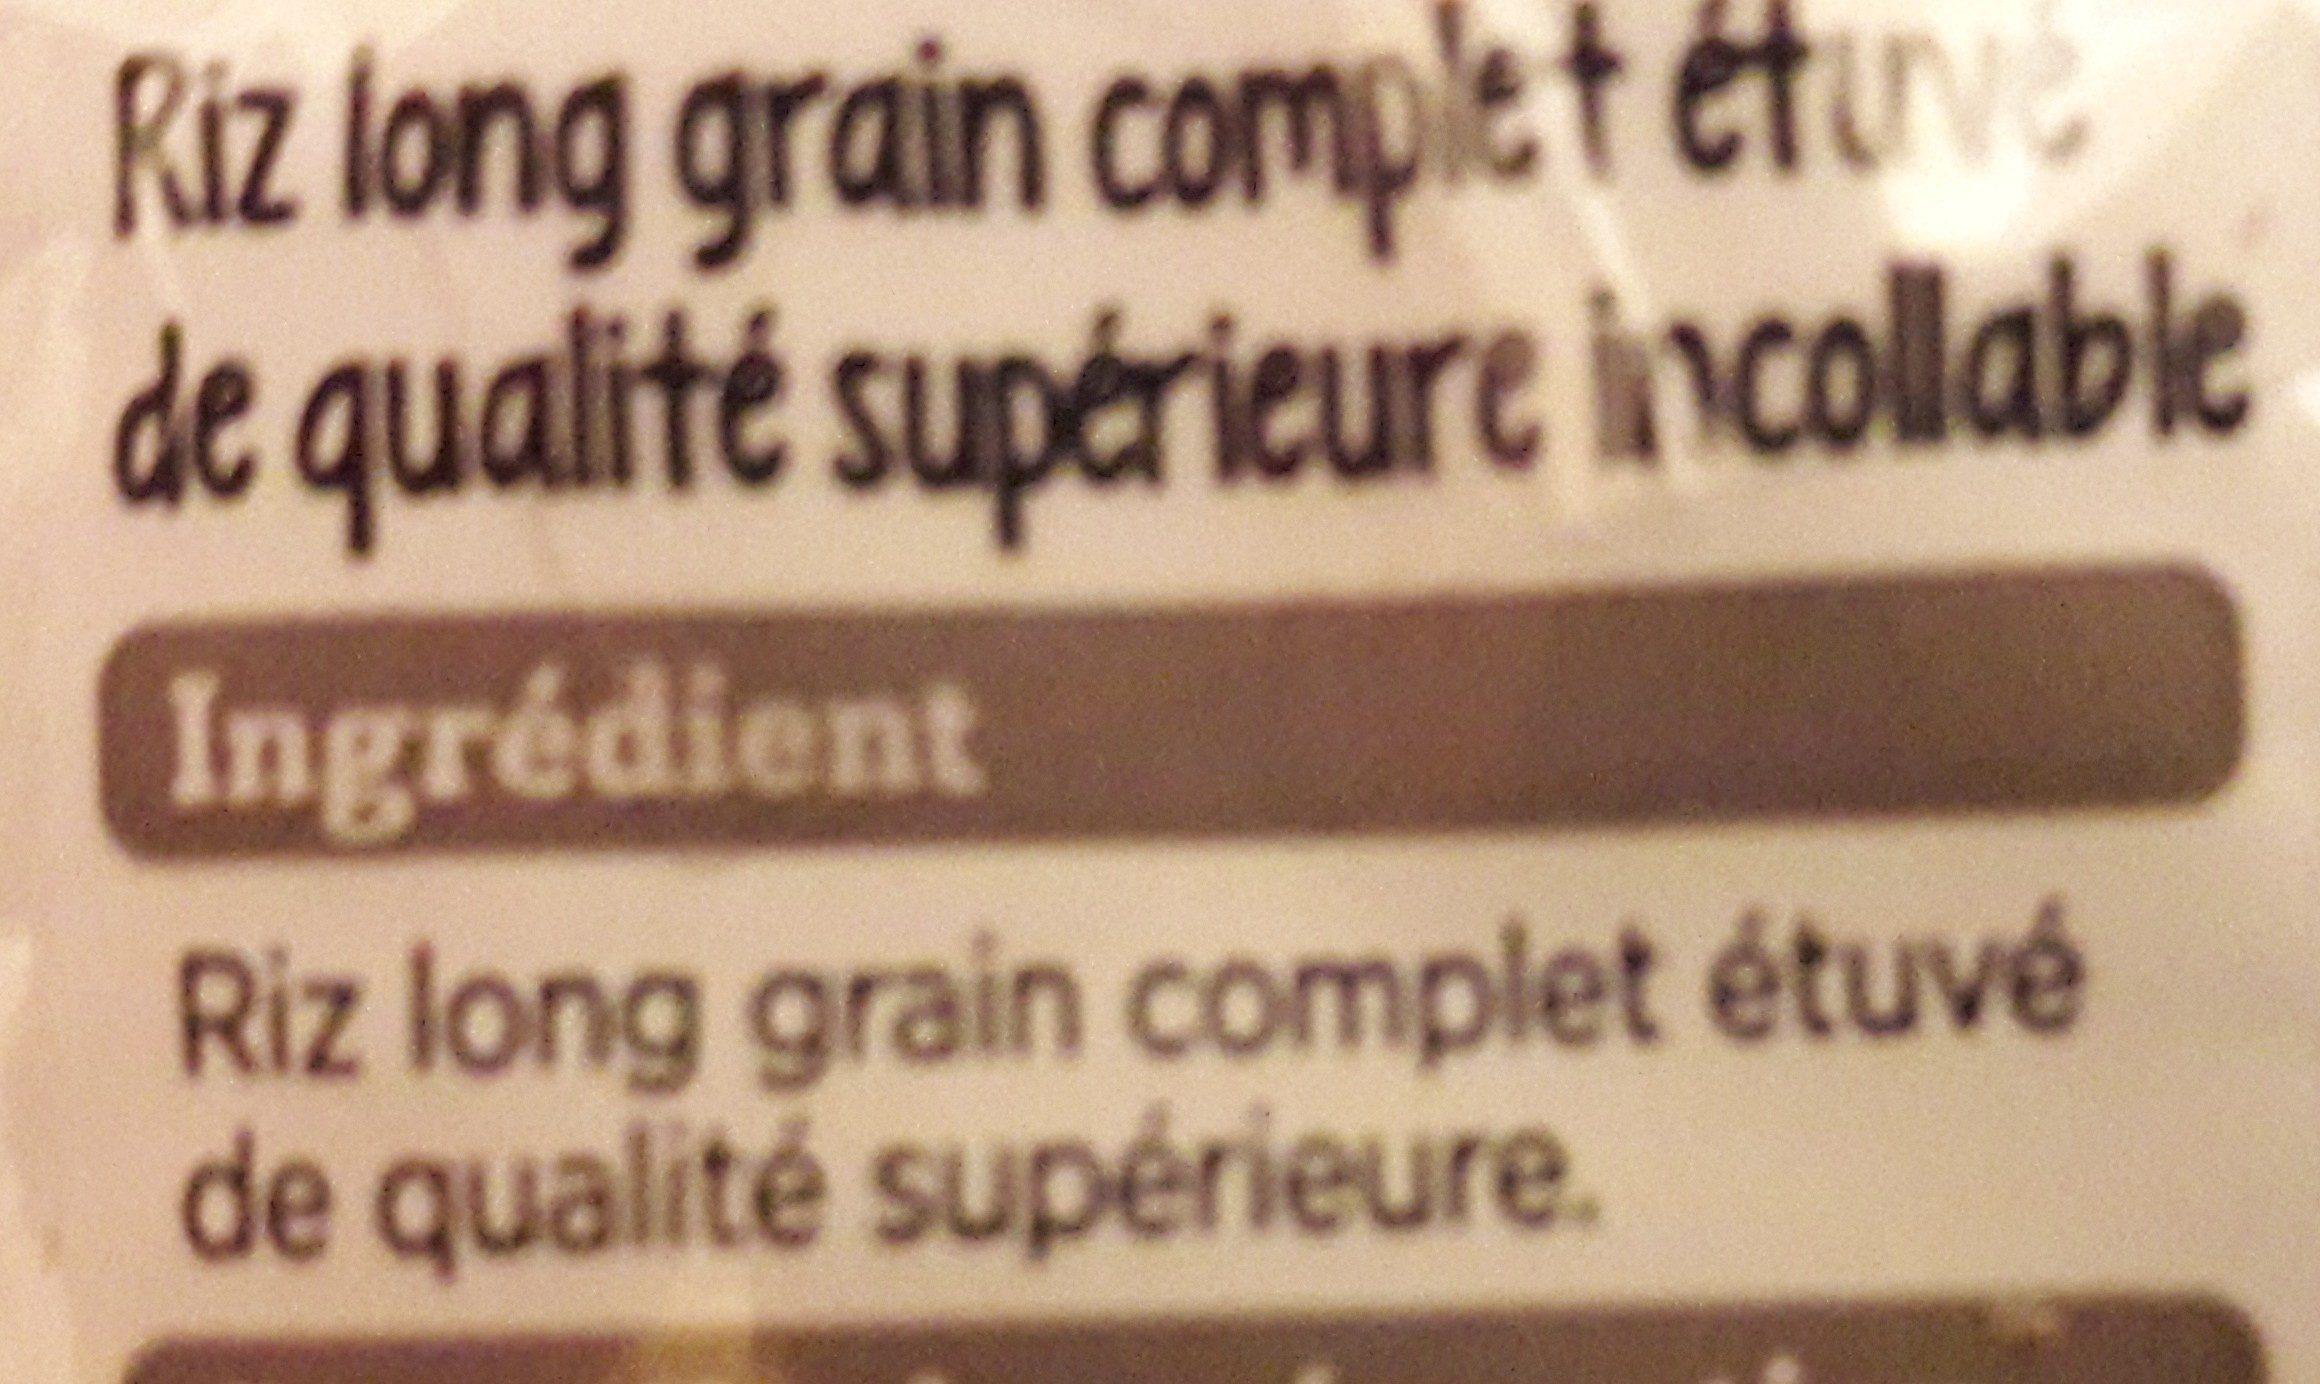 Riz complet qualité supérieure - Ingredients